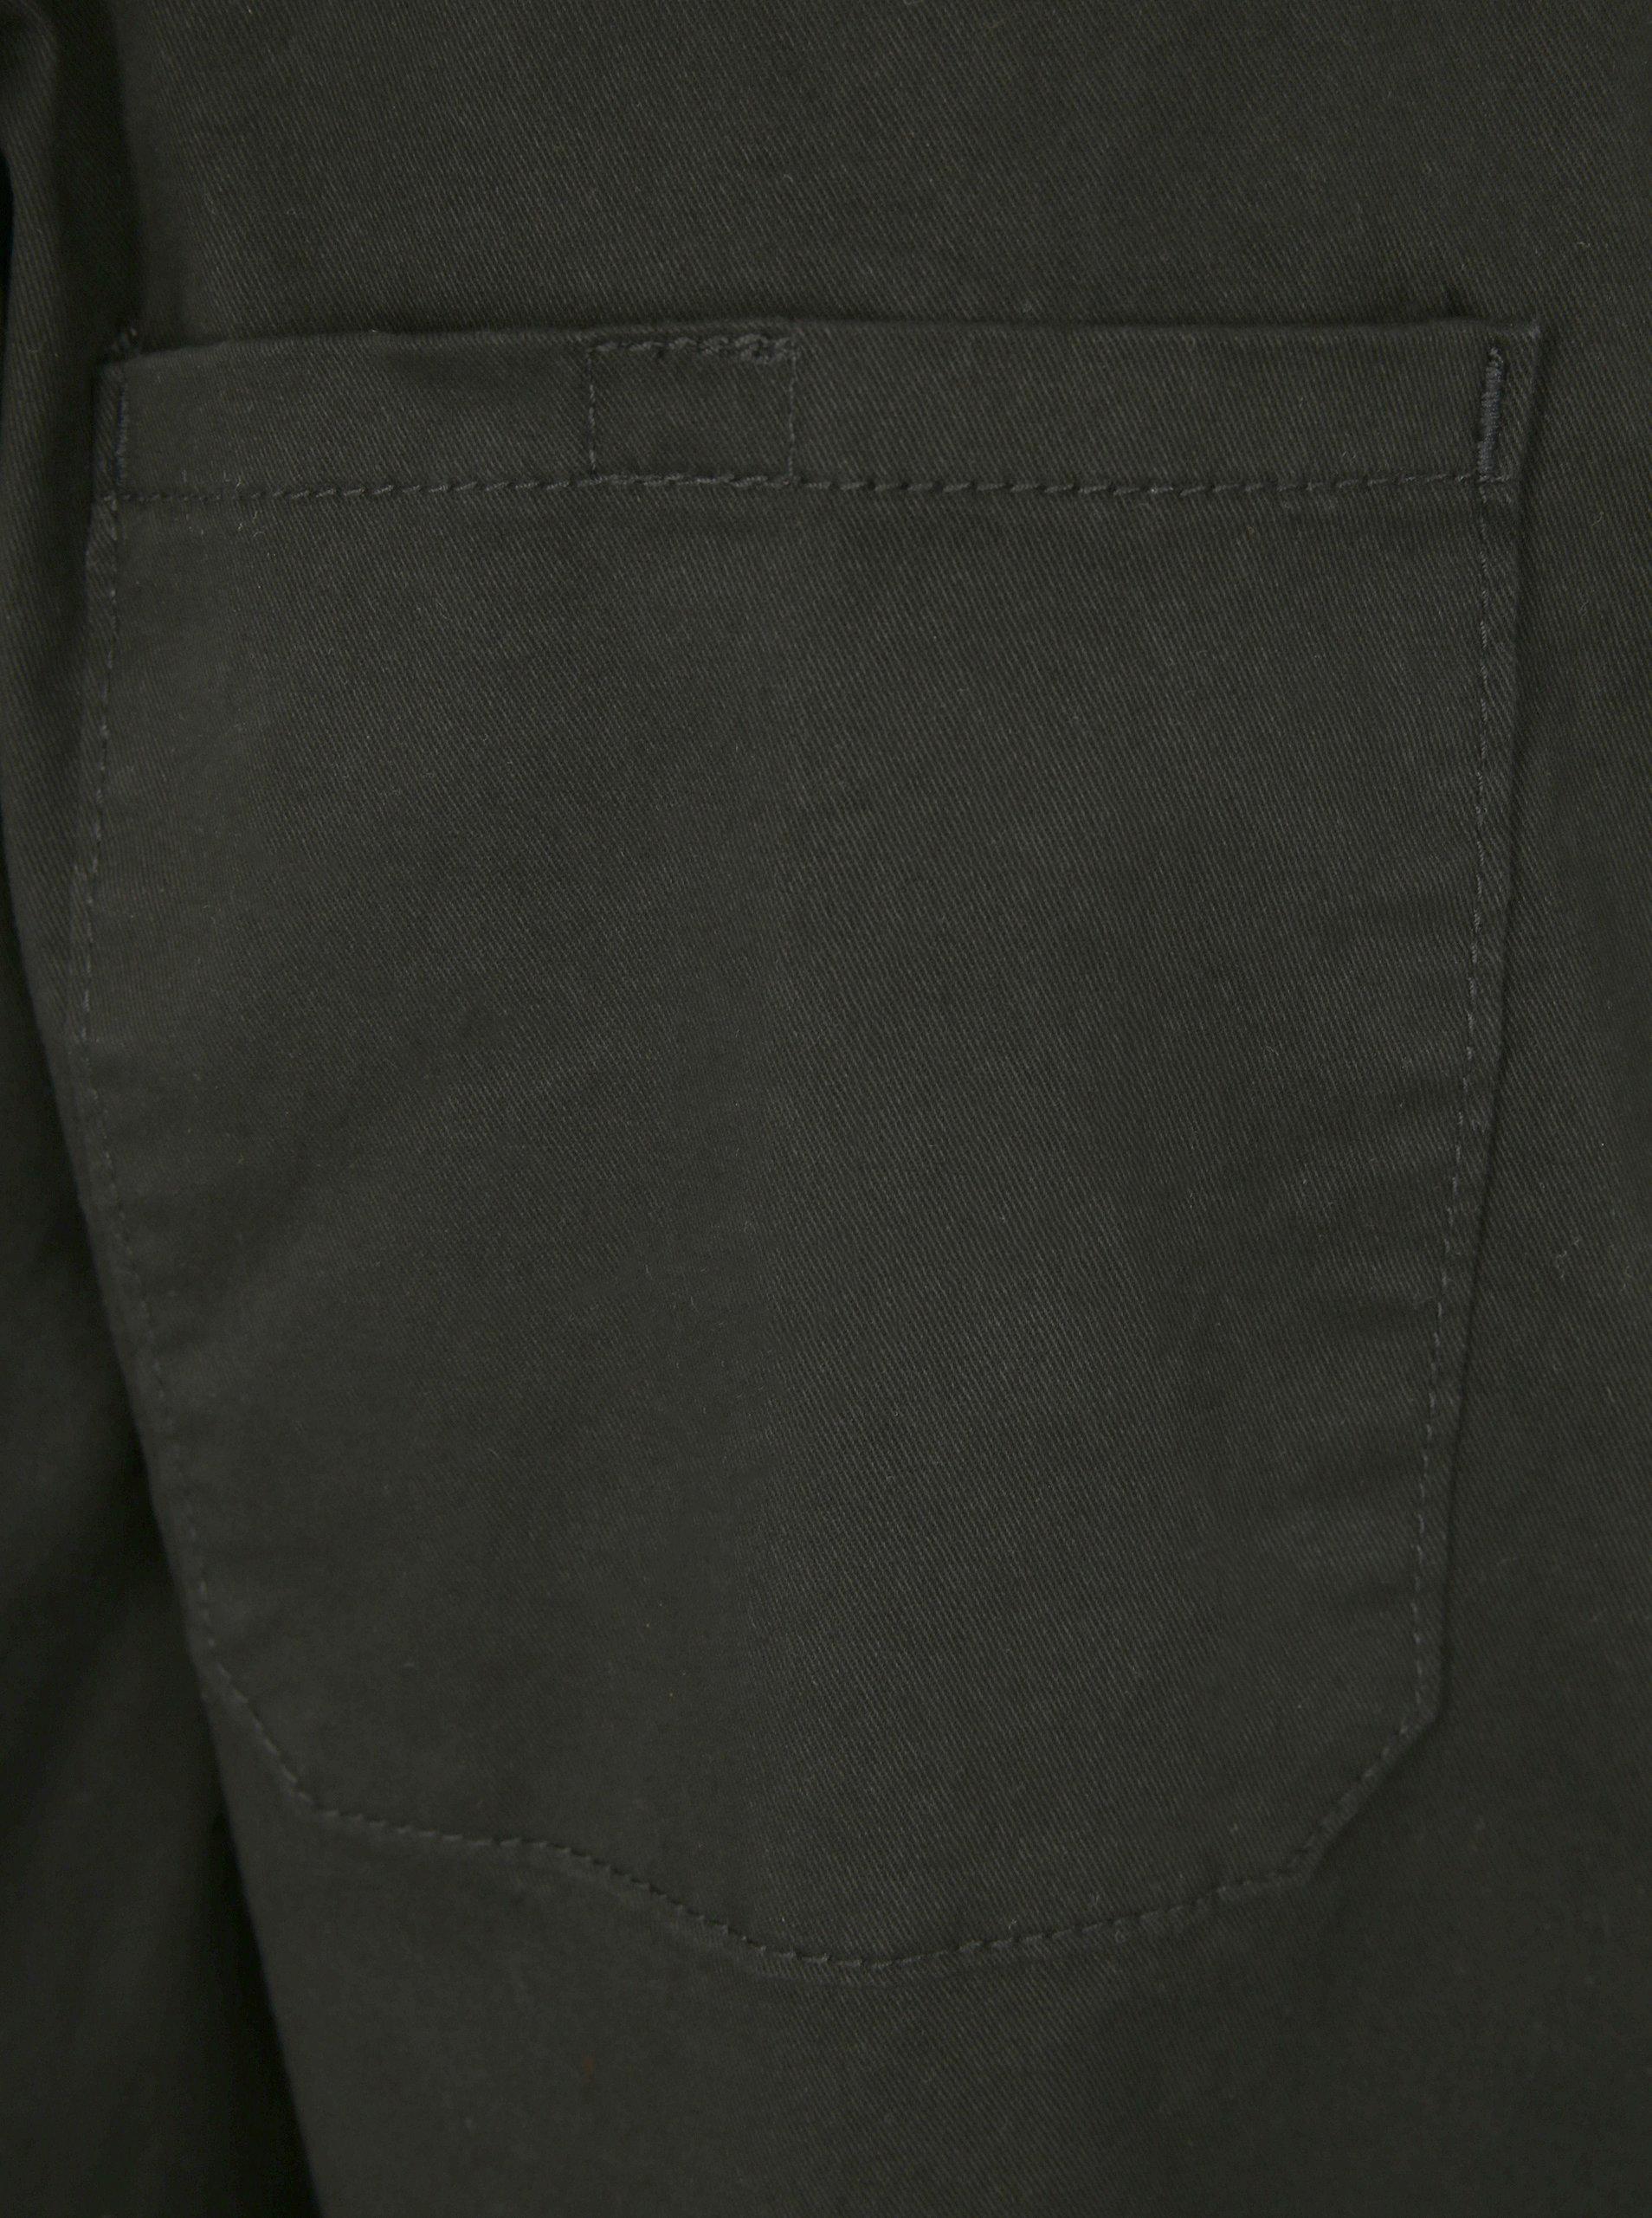 332dcfc27a5 Černé kalhoty s pružnou gumou u kotníků JP 1880 ...